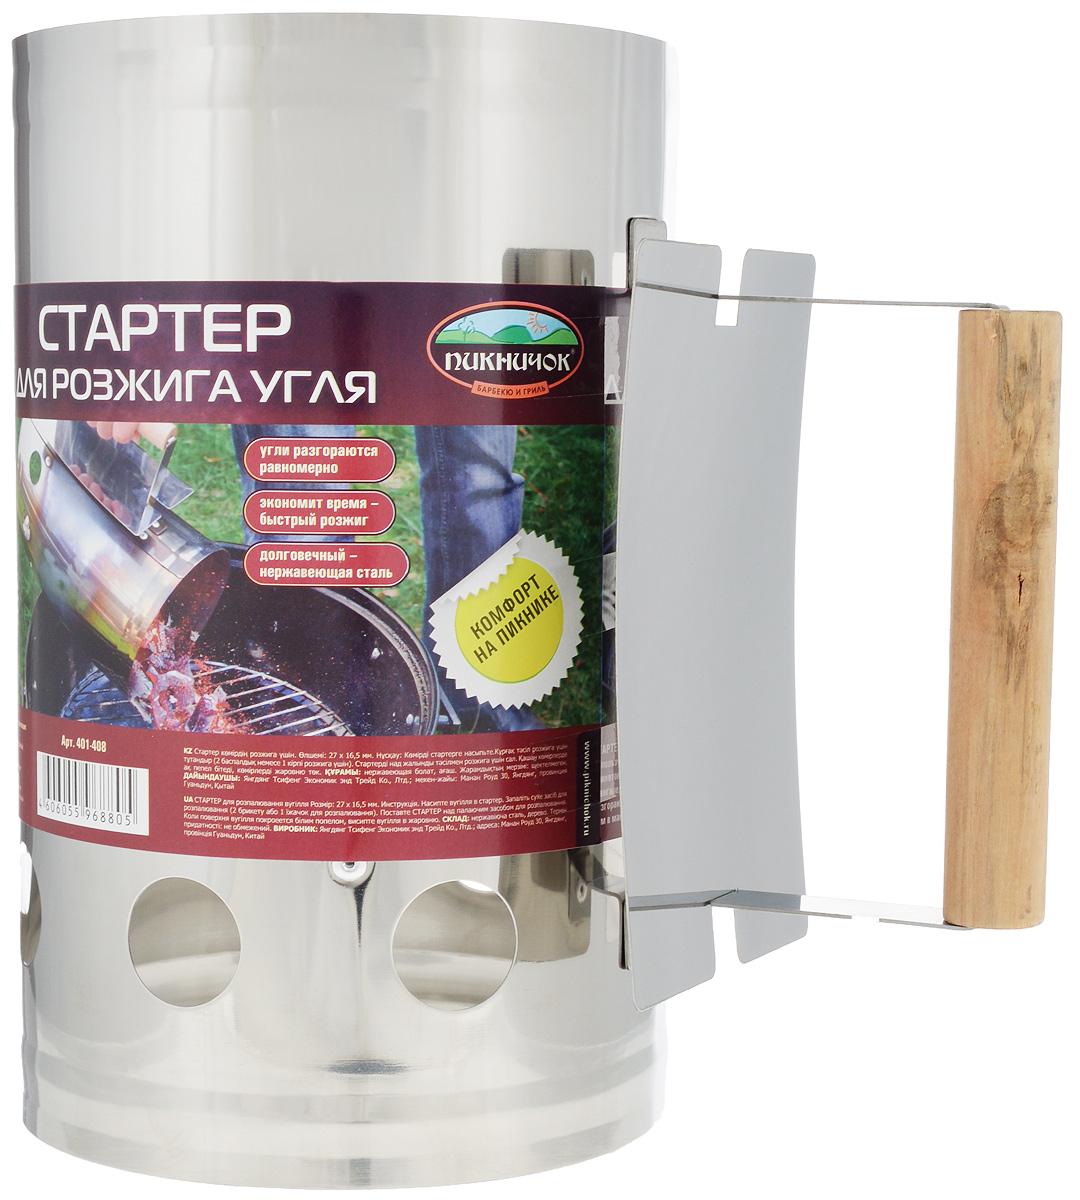 Стартер для розжига угля ПИКНИЧОК, 27 х 25 х 16,5 см401-408Стартер для розжига угля ПИКНИЧОК изготовлен из нержавеющей стали. Изделие имеет удобную ручку, изготовленную из дерева, которая не будет нагреваться. Стартер для розжига используется для разжигания угля или брикетов при приготовлении в жаровне или на мангале. Уголь или угольные брикеты разгораются гораздо быстрее и равномернее, чем в жаровне или мангале. Отверстия на дне и в нижней части стартера, а также его открытый верх, обеспечивают оптимальную тягу, позволяющую быстро и равномерно разогреть угли. Специальная пластина защищает ручку стартера от перегрева, а руку - от ожога. Размеры изделия: 27 х 25 х 16,5 см.